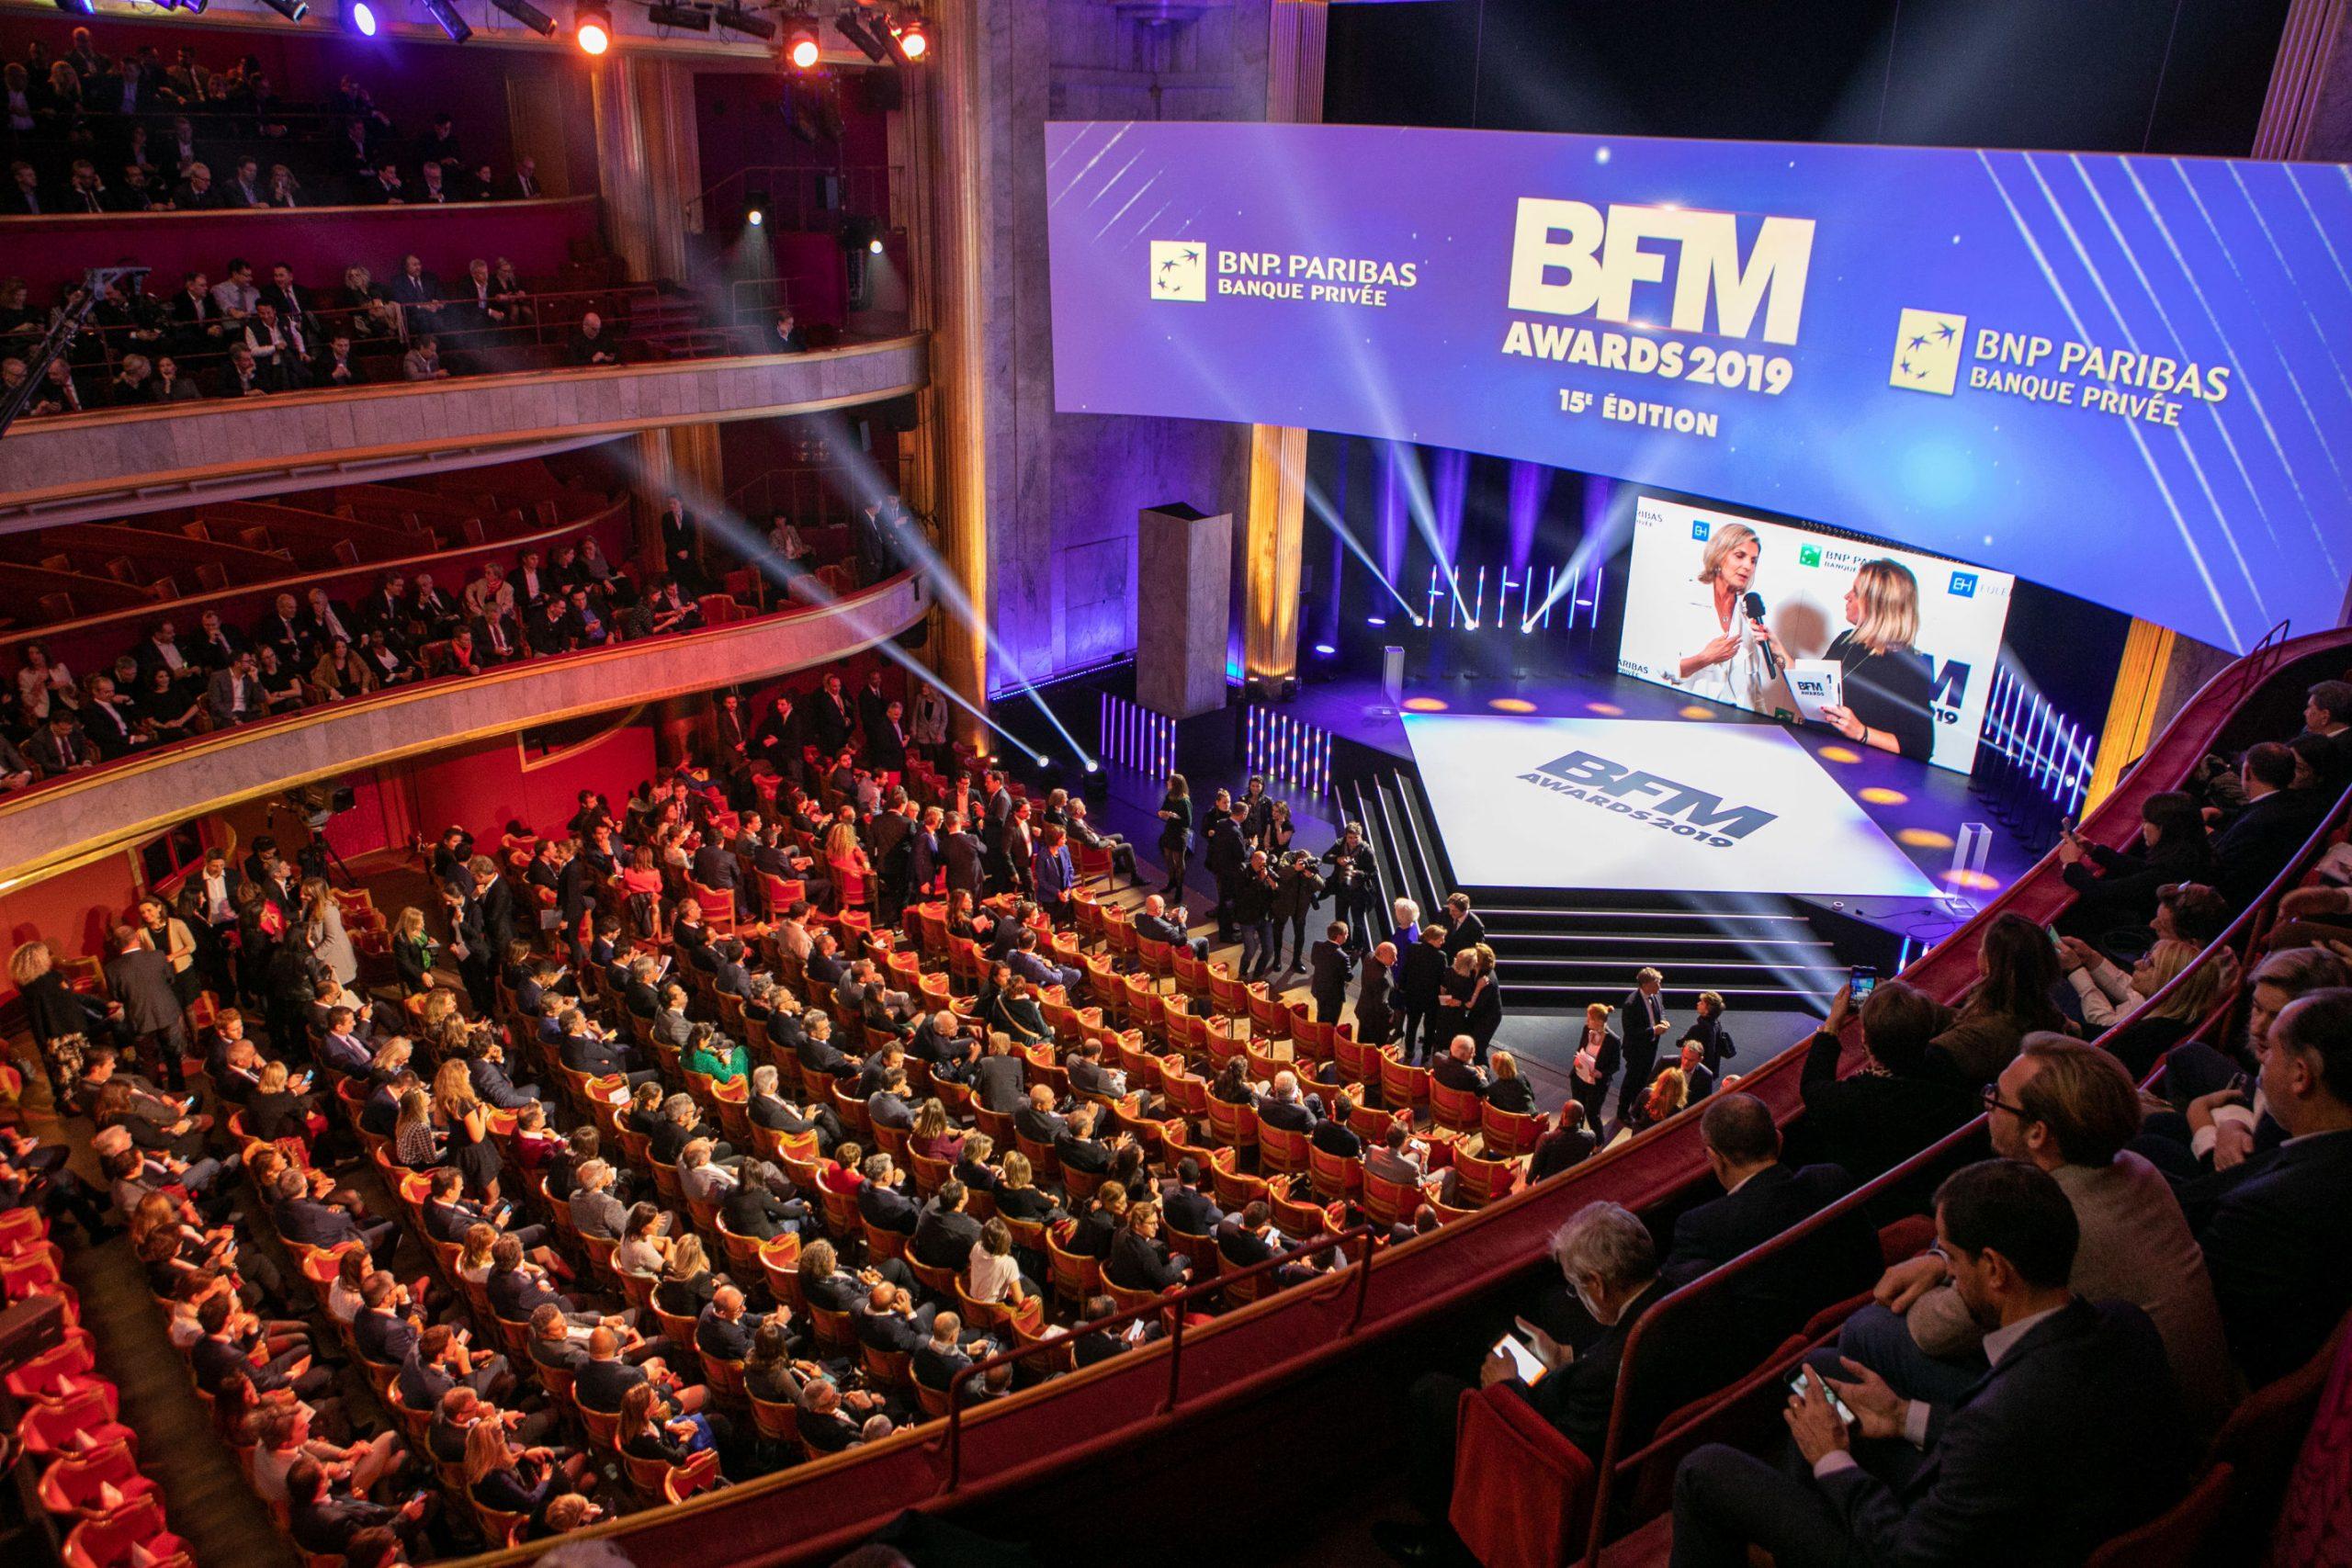 Reportage photo sur les plateaux TV de BFM BUSINESS